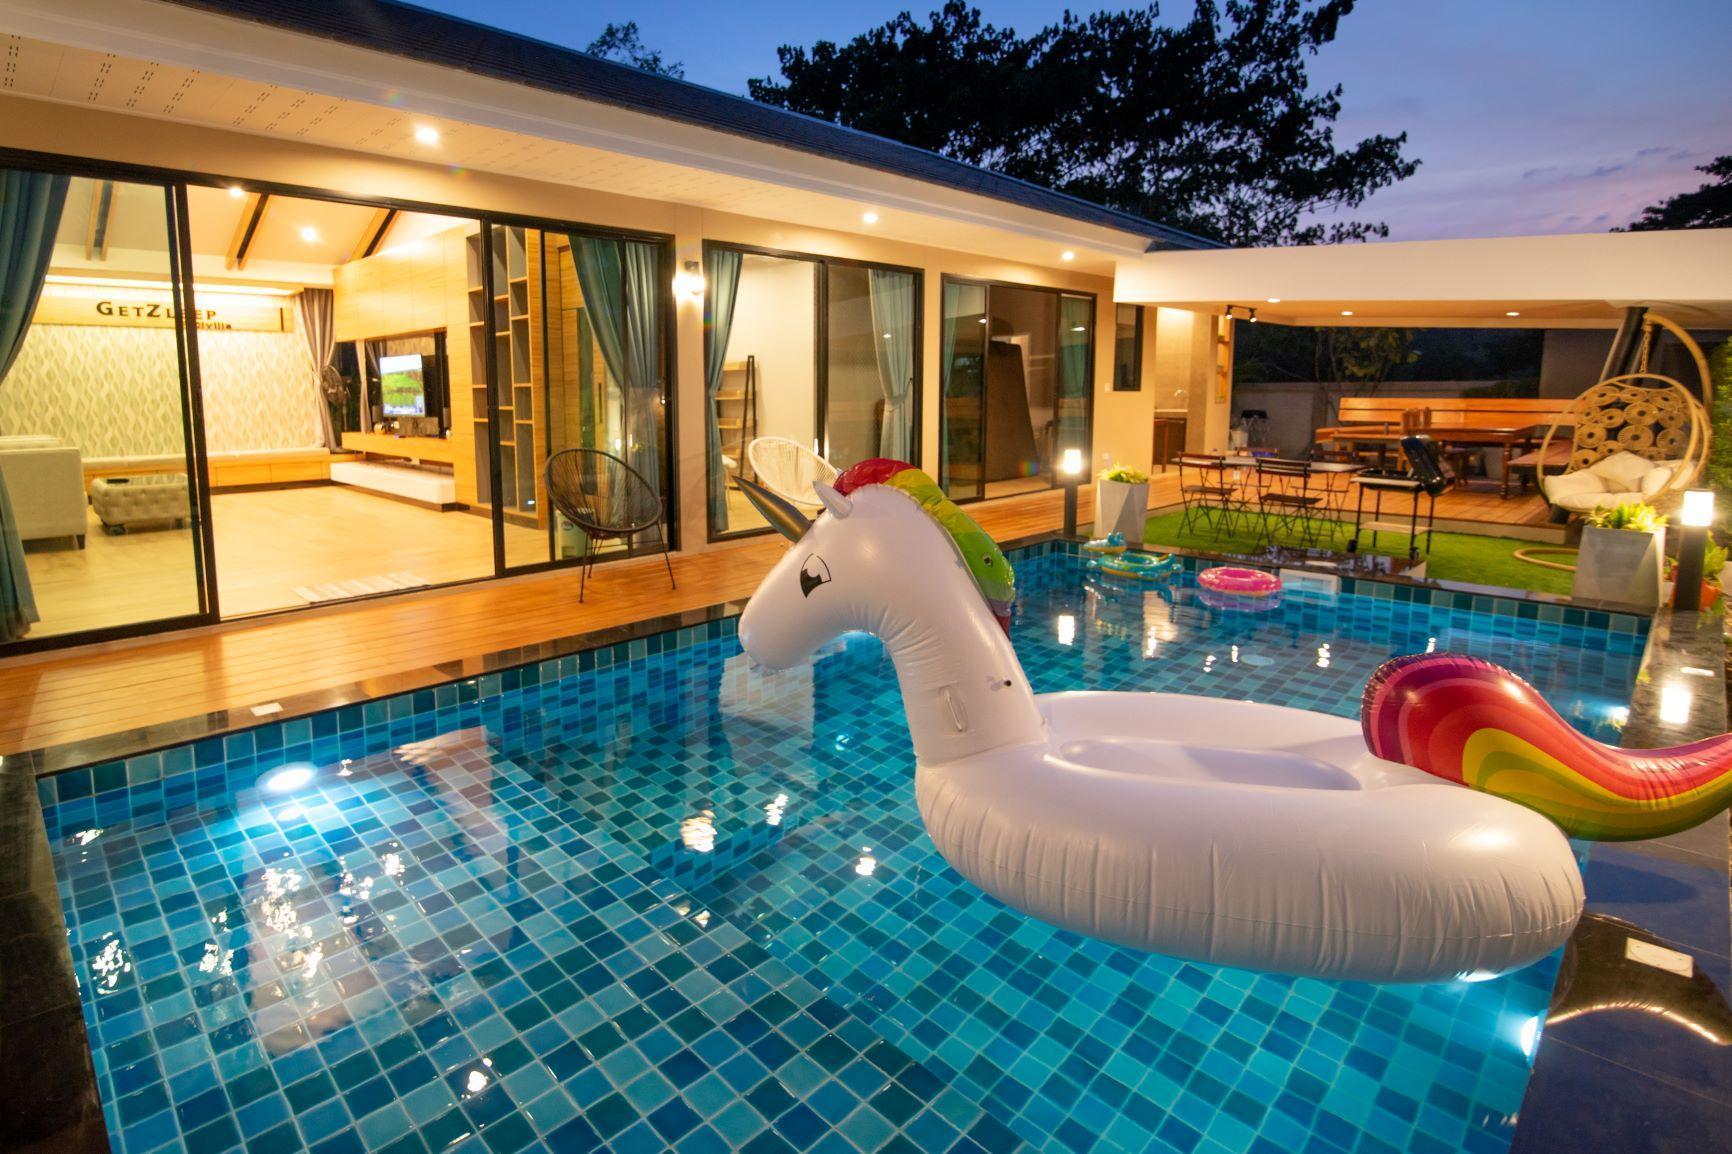 GetZleep PoolVilla Sattahip วิลลา 4 ห้องนอน 3 ห้องน้ำส่วนตัว ขนาด 530 ตร.ม. – ชายหาดสัตหีบ